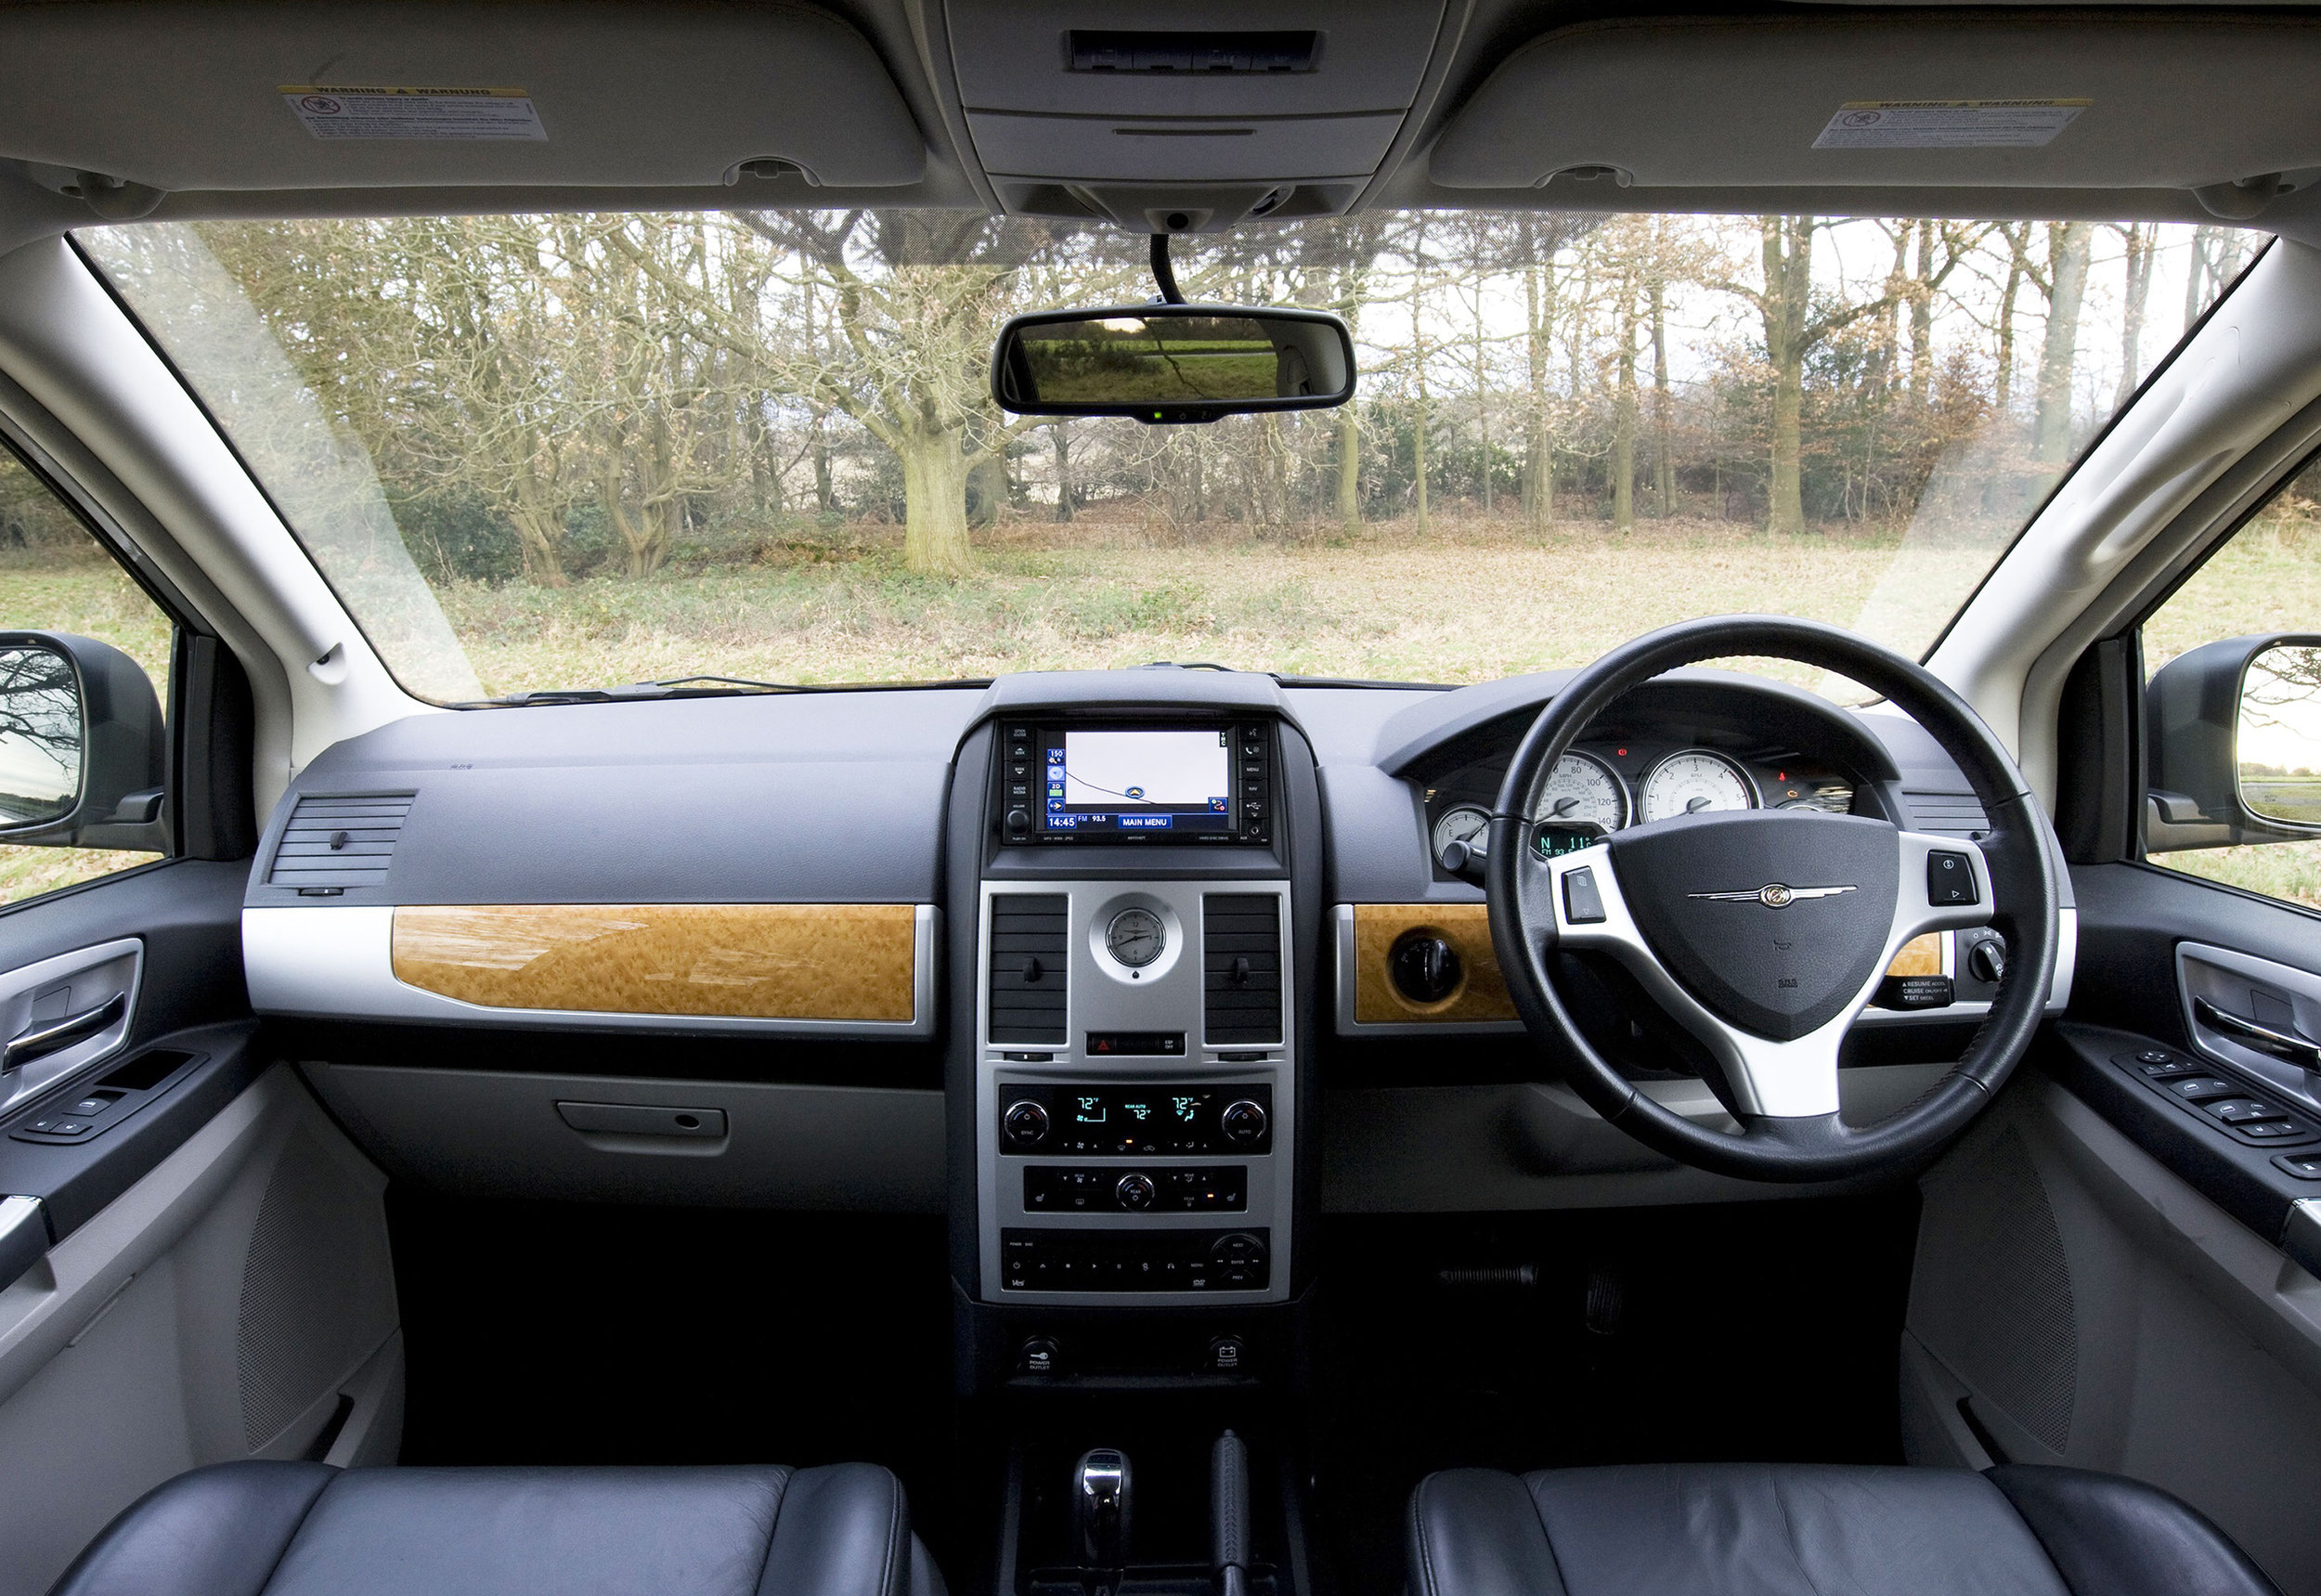 Chrysler Grand Voyager 02.jpg